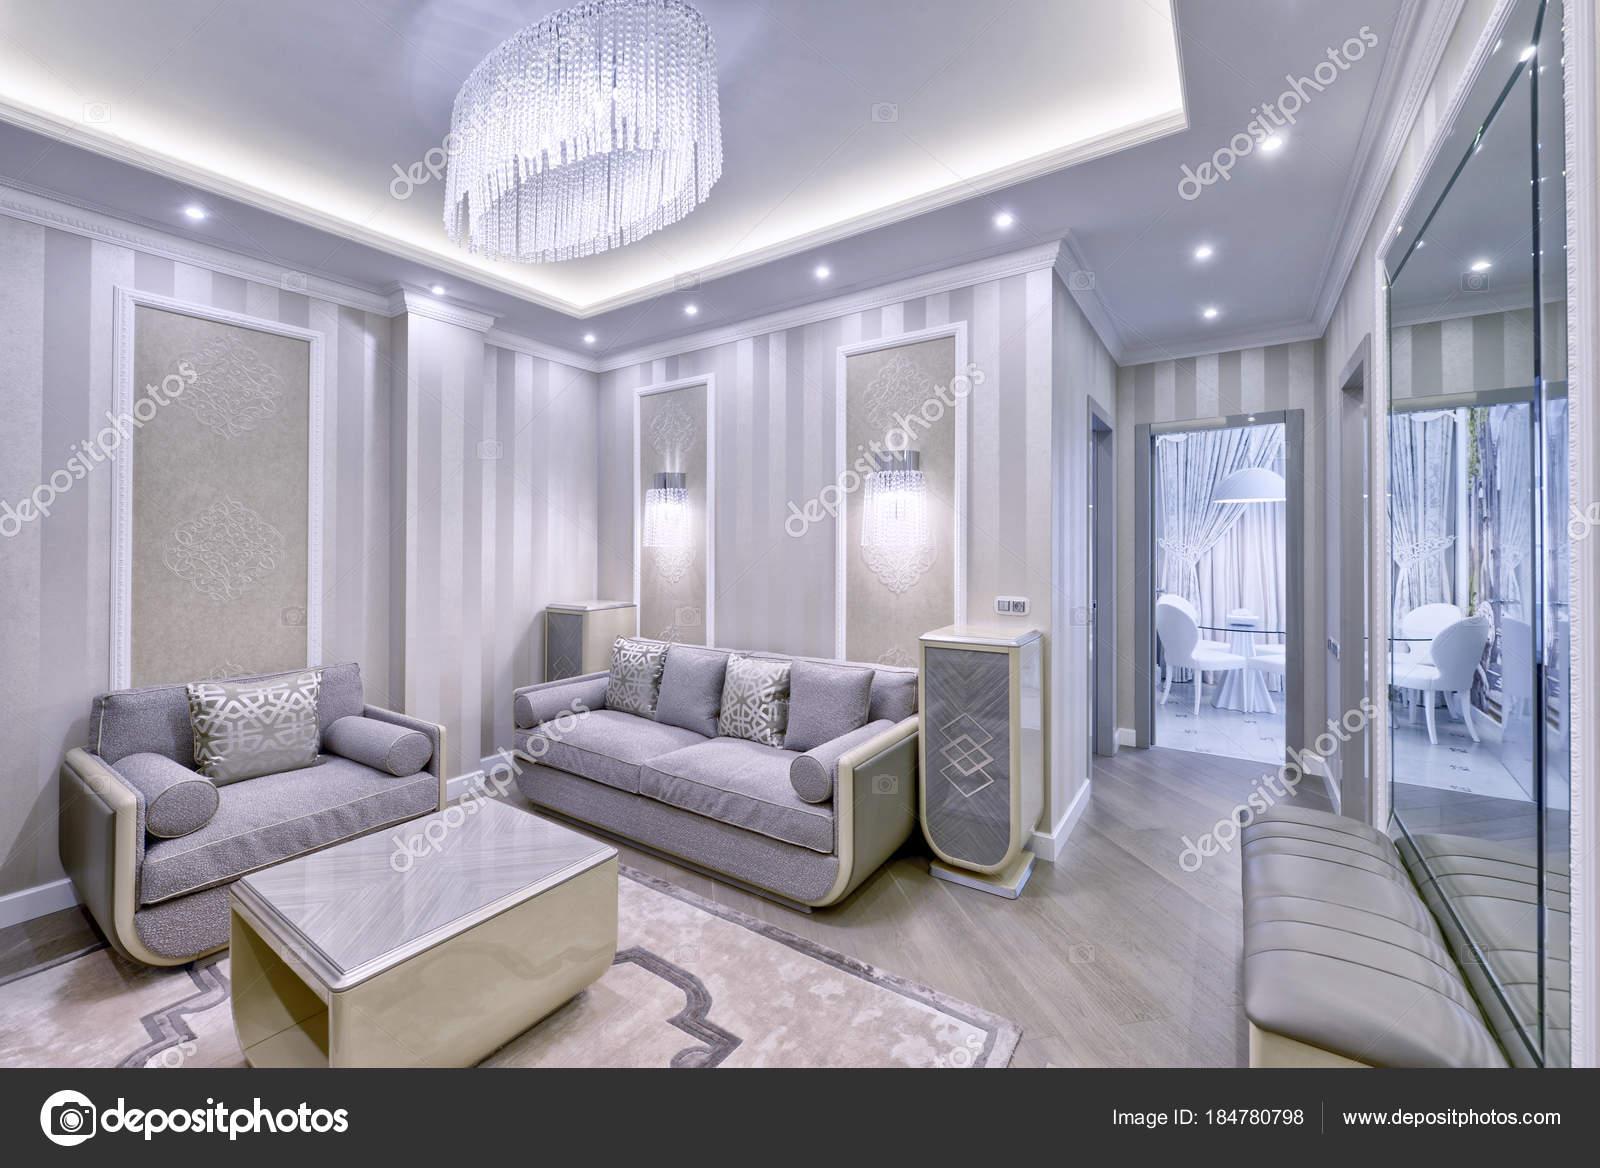 Interni dal design moderno soggiorno appartamento lusso for Design moderno interni